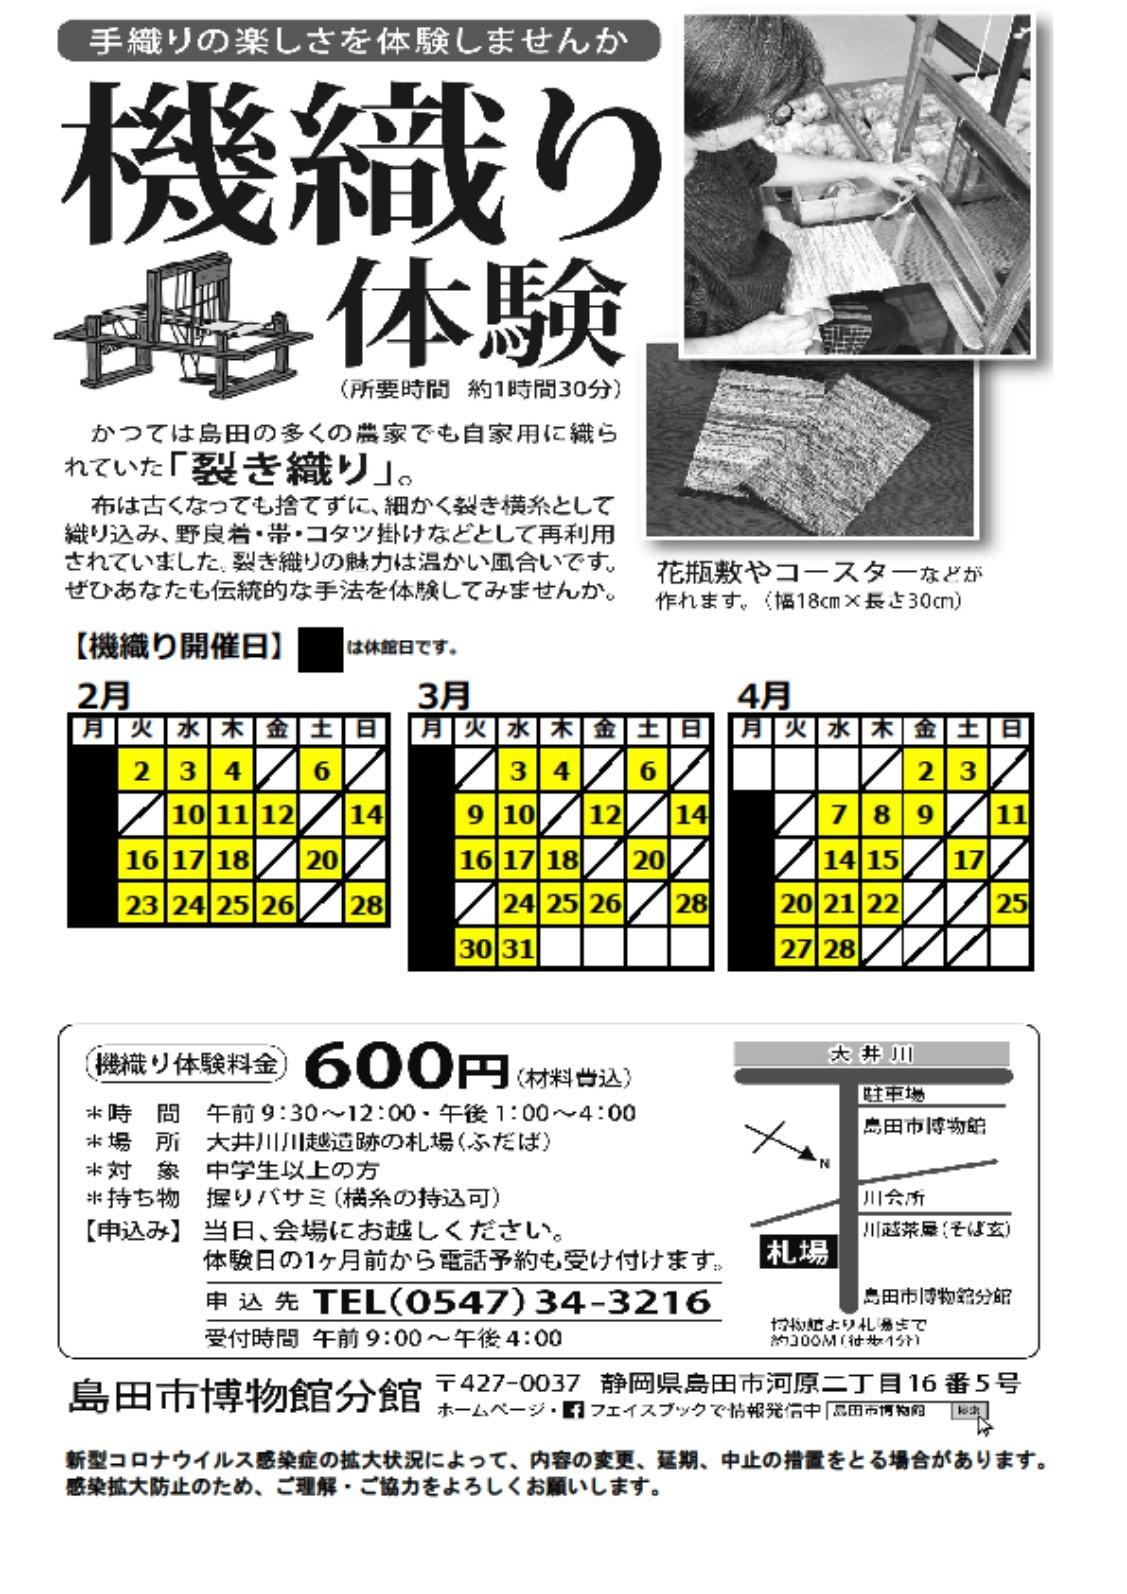 機織り体験学習スケジュール